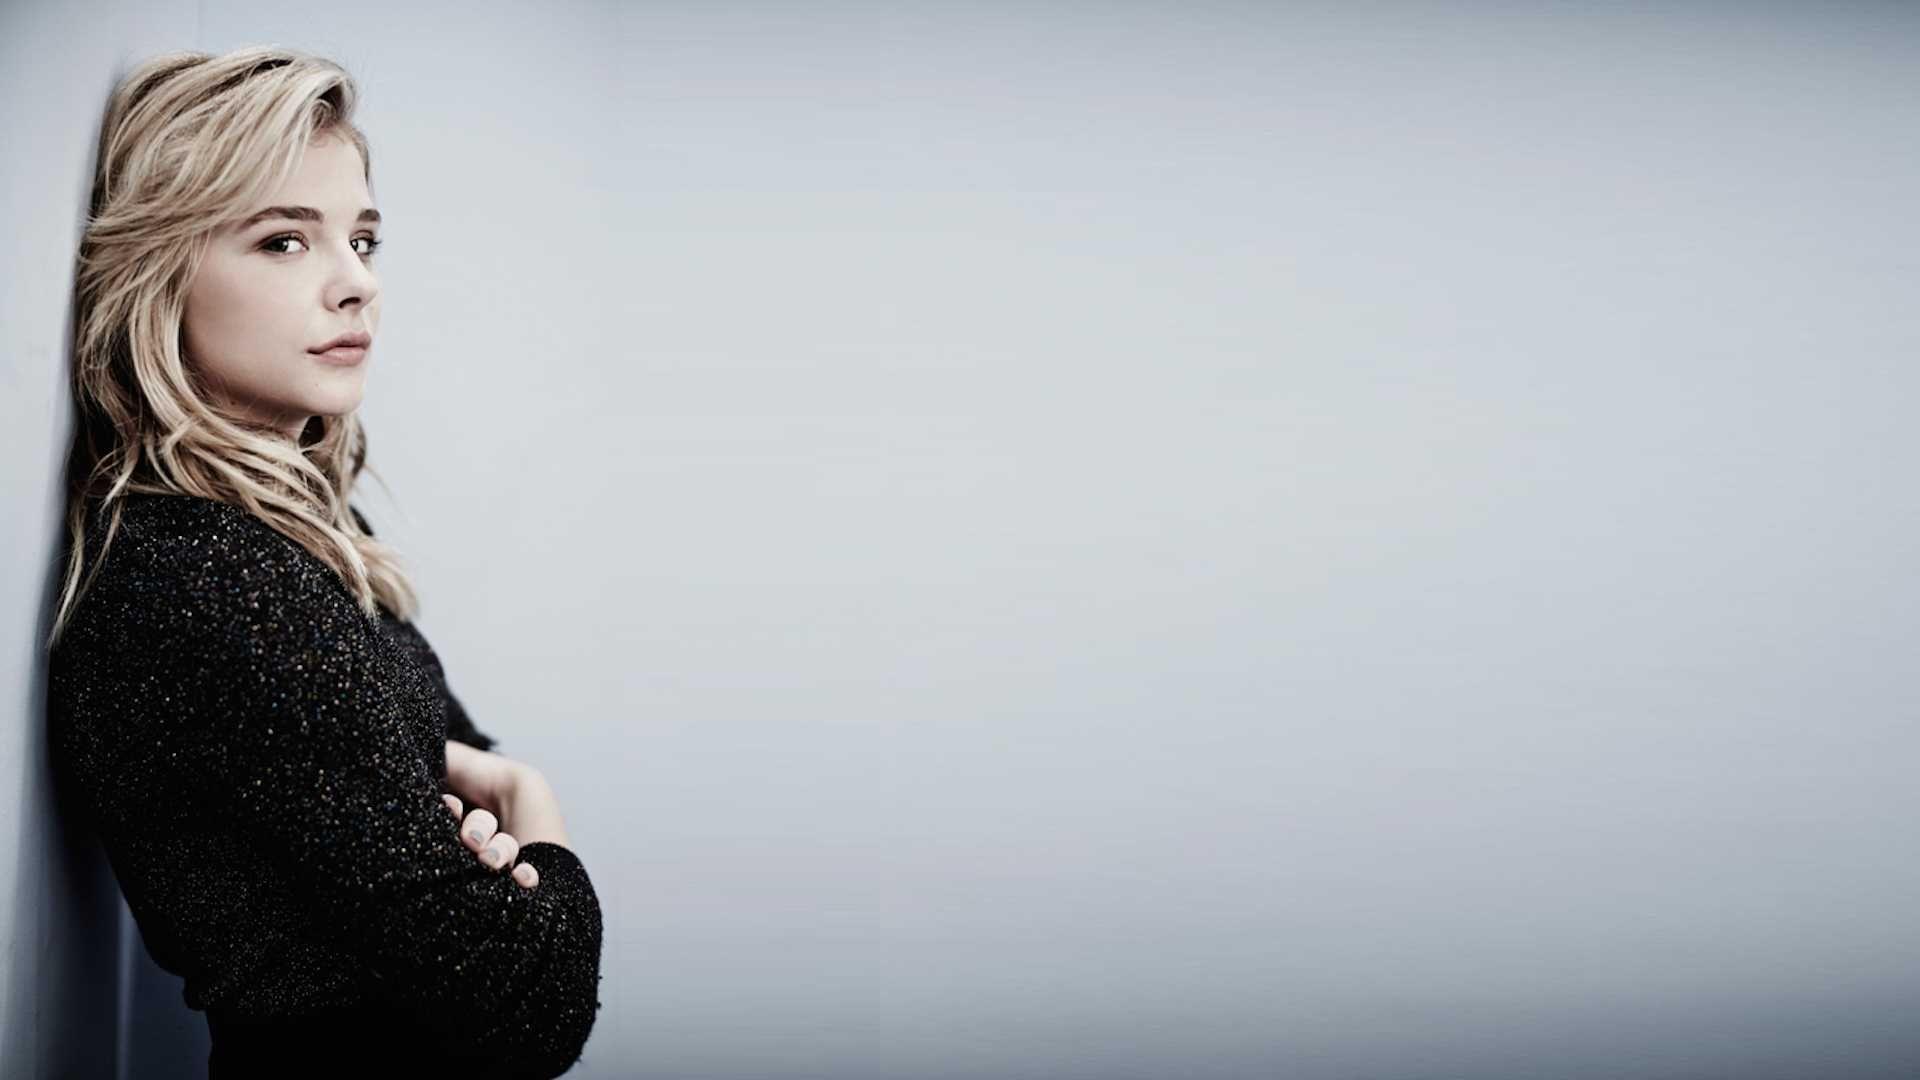 Wallpaper Chloe Moretz American actress Celebrities